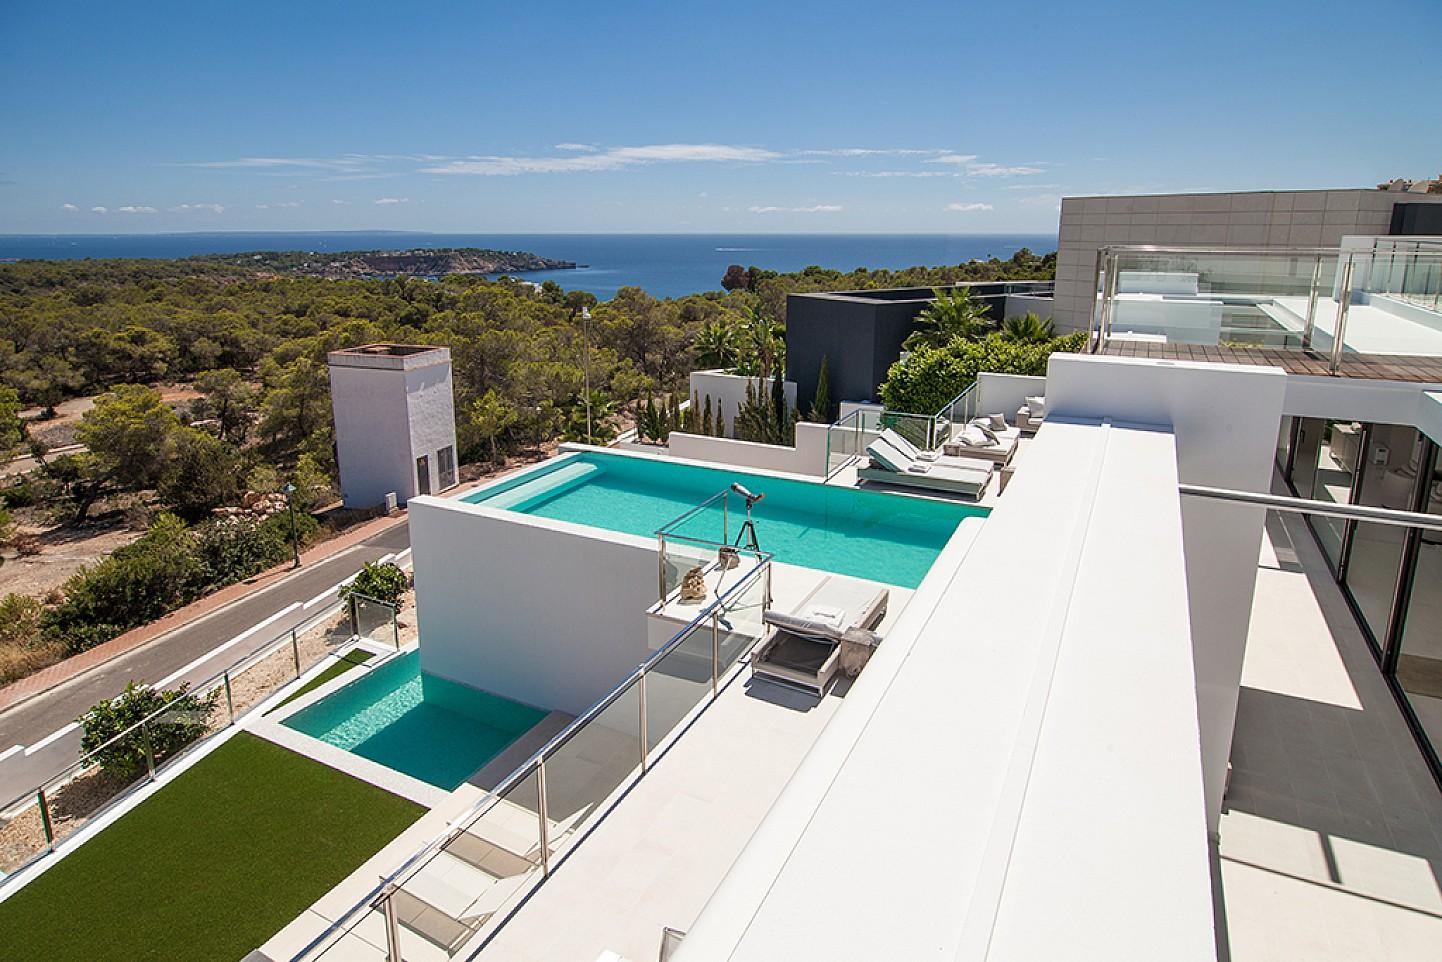 Vistes d'una impressionant vila de luxe en lloguer a Es Cubells, Eivissa